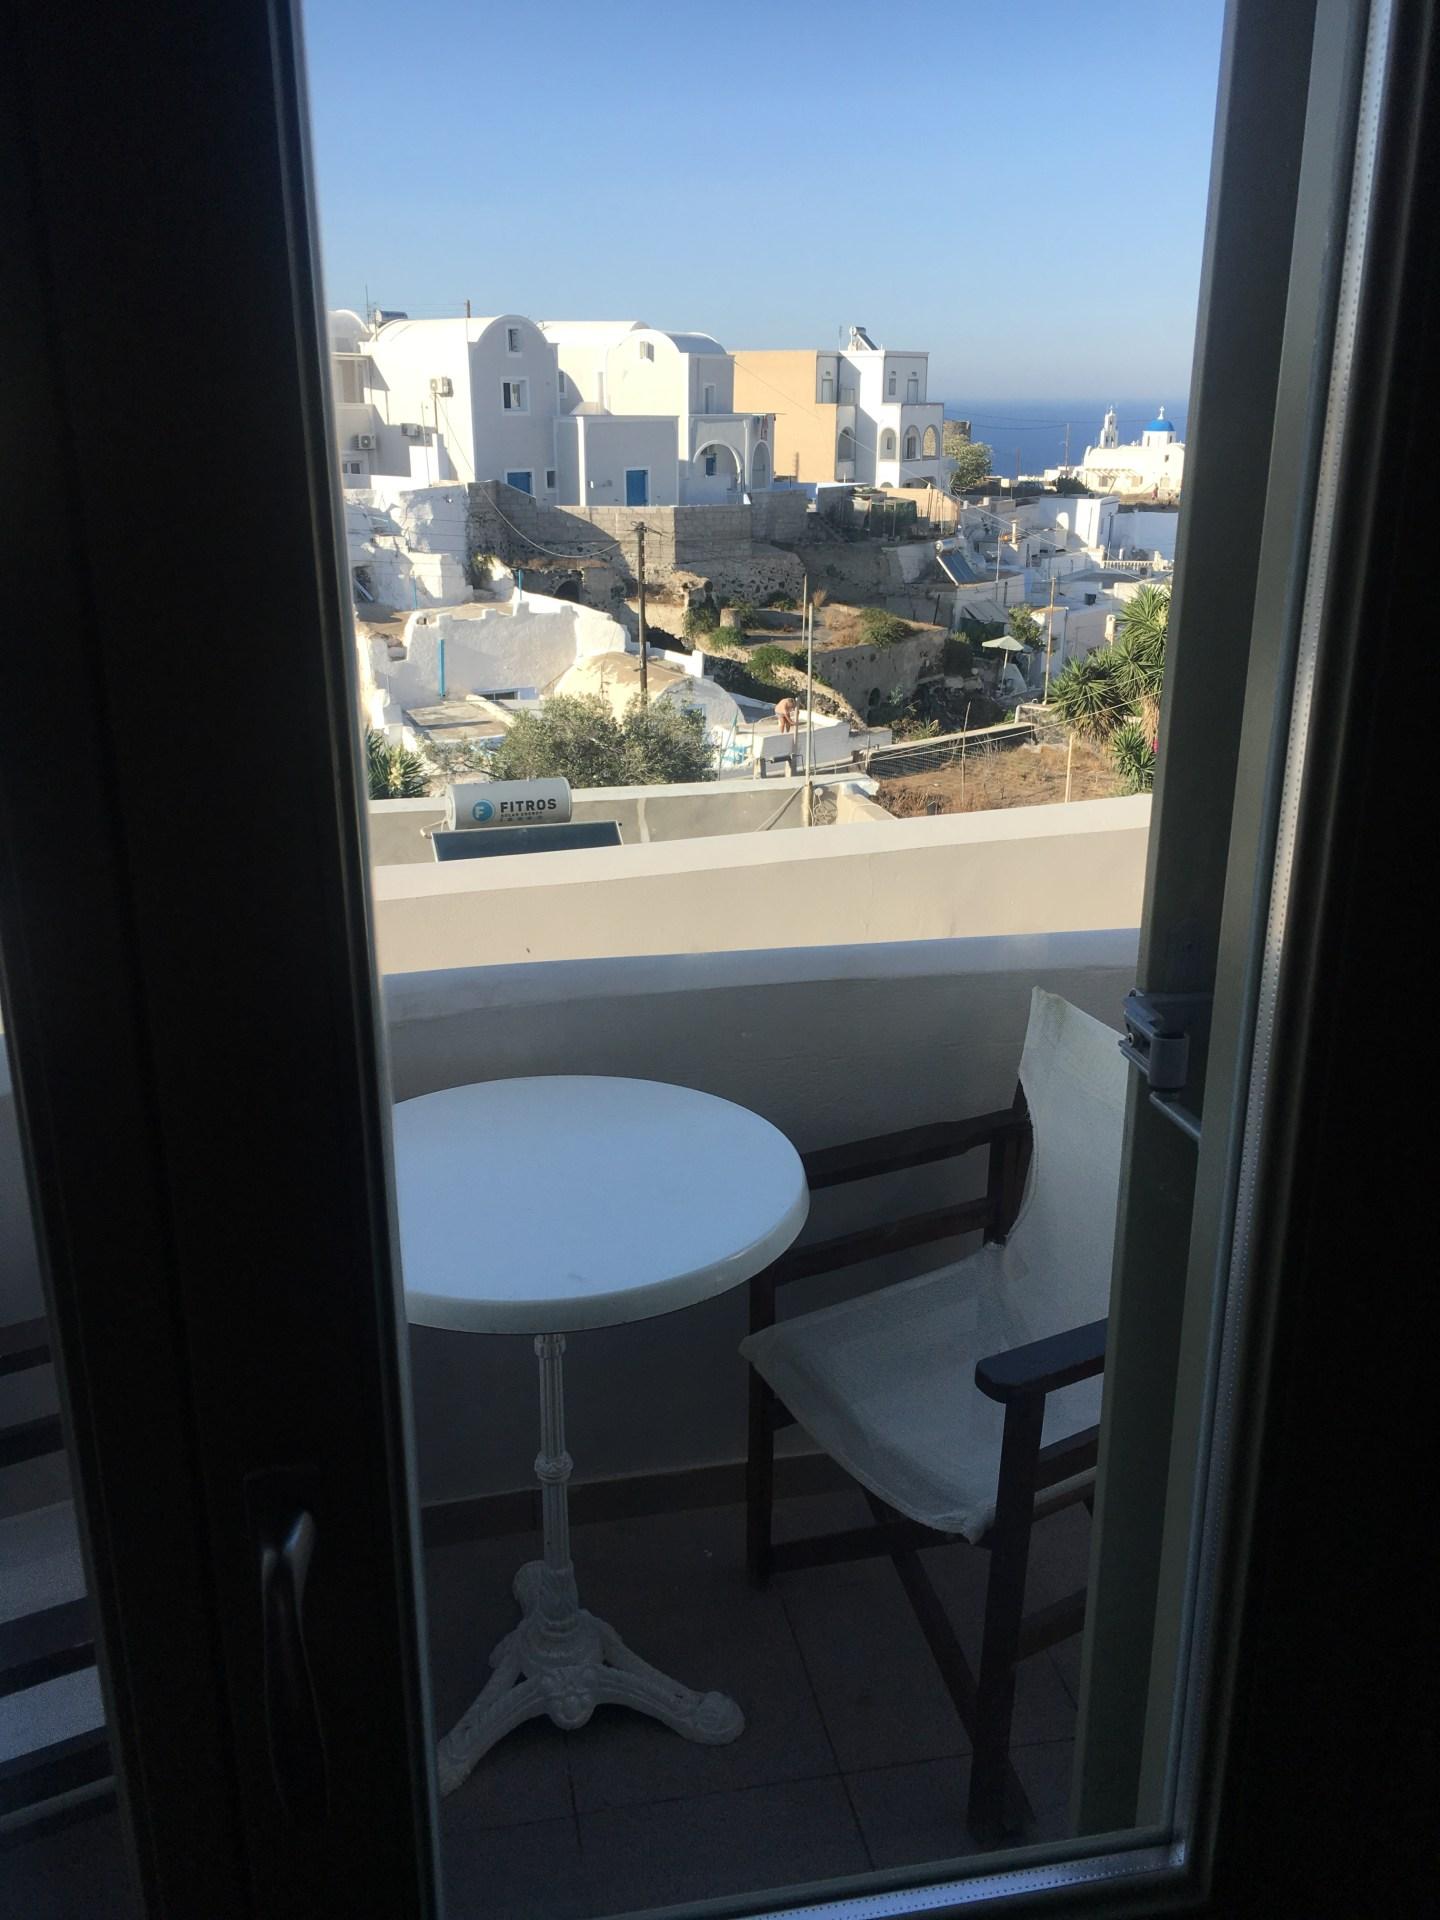 Vue de l'Hotel à Santorin proche de Fira